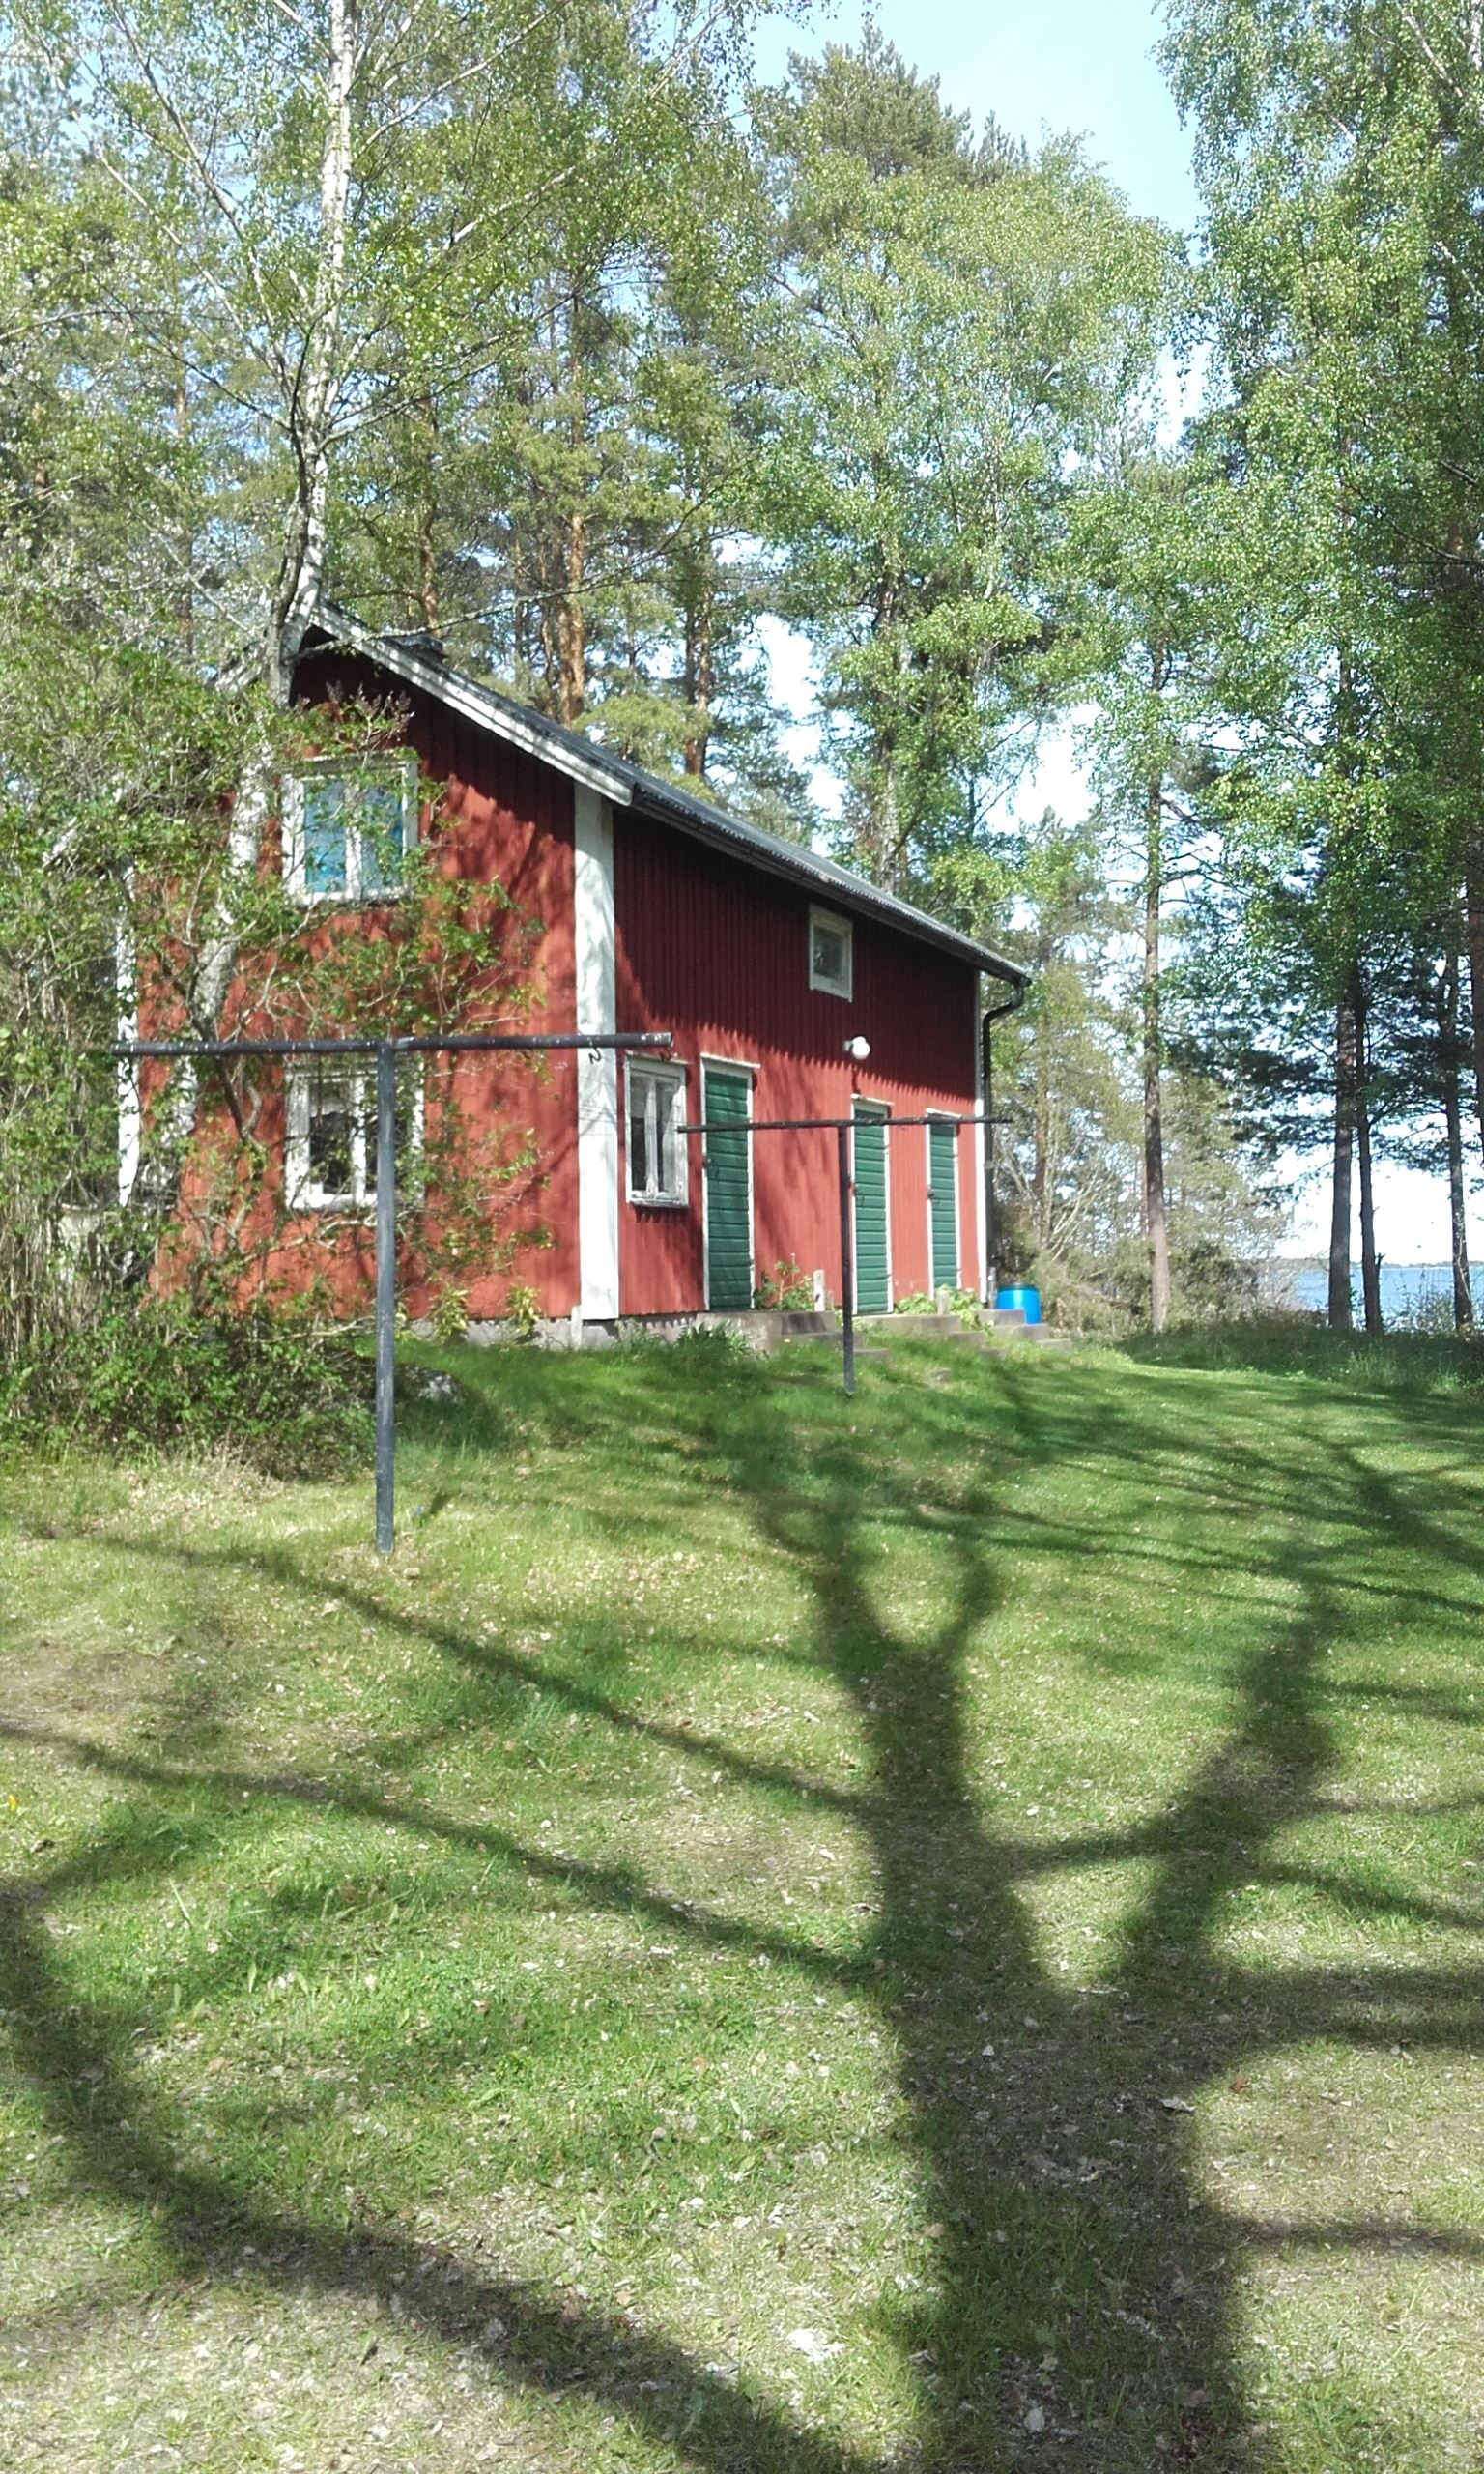 Privatboende Gårdshus Västerviks skärgård, Hasselö